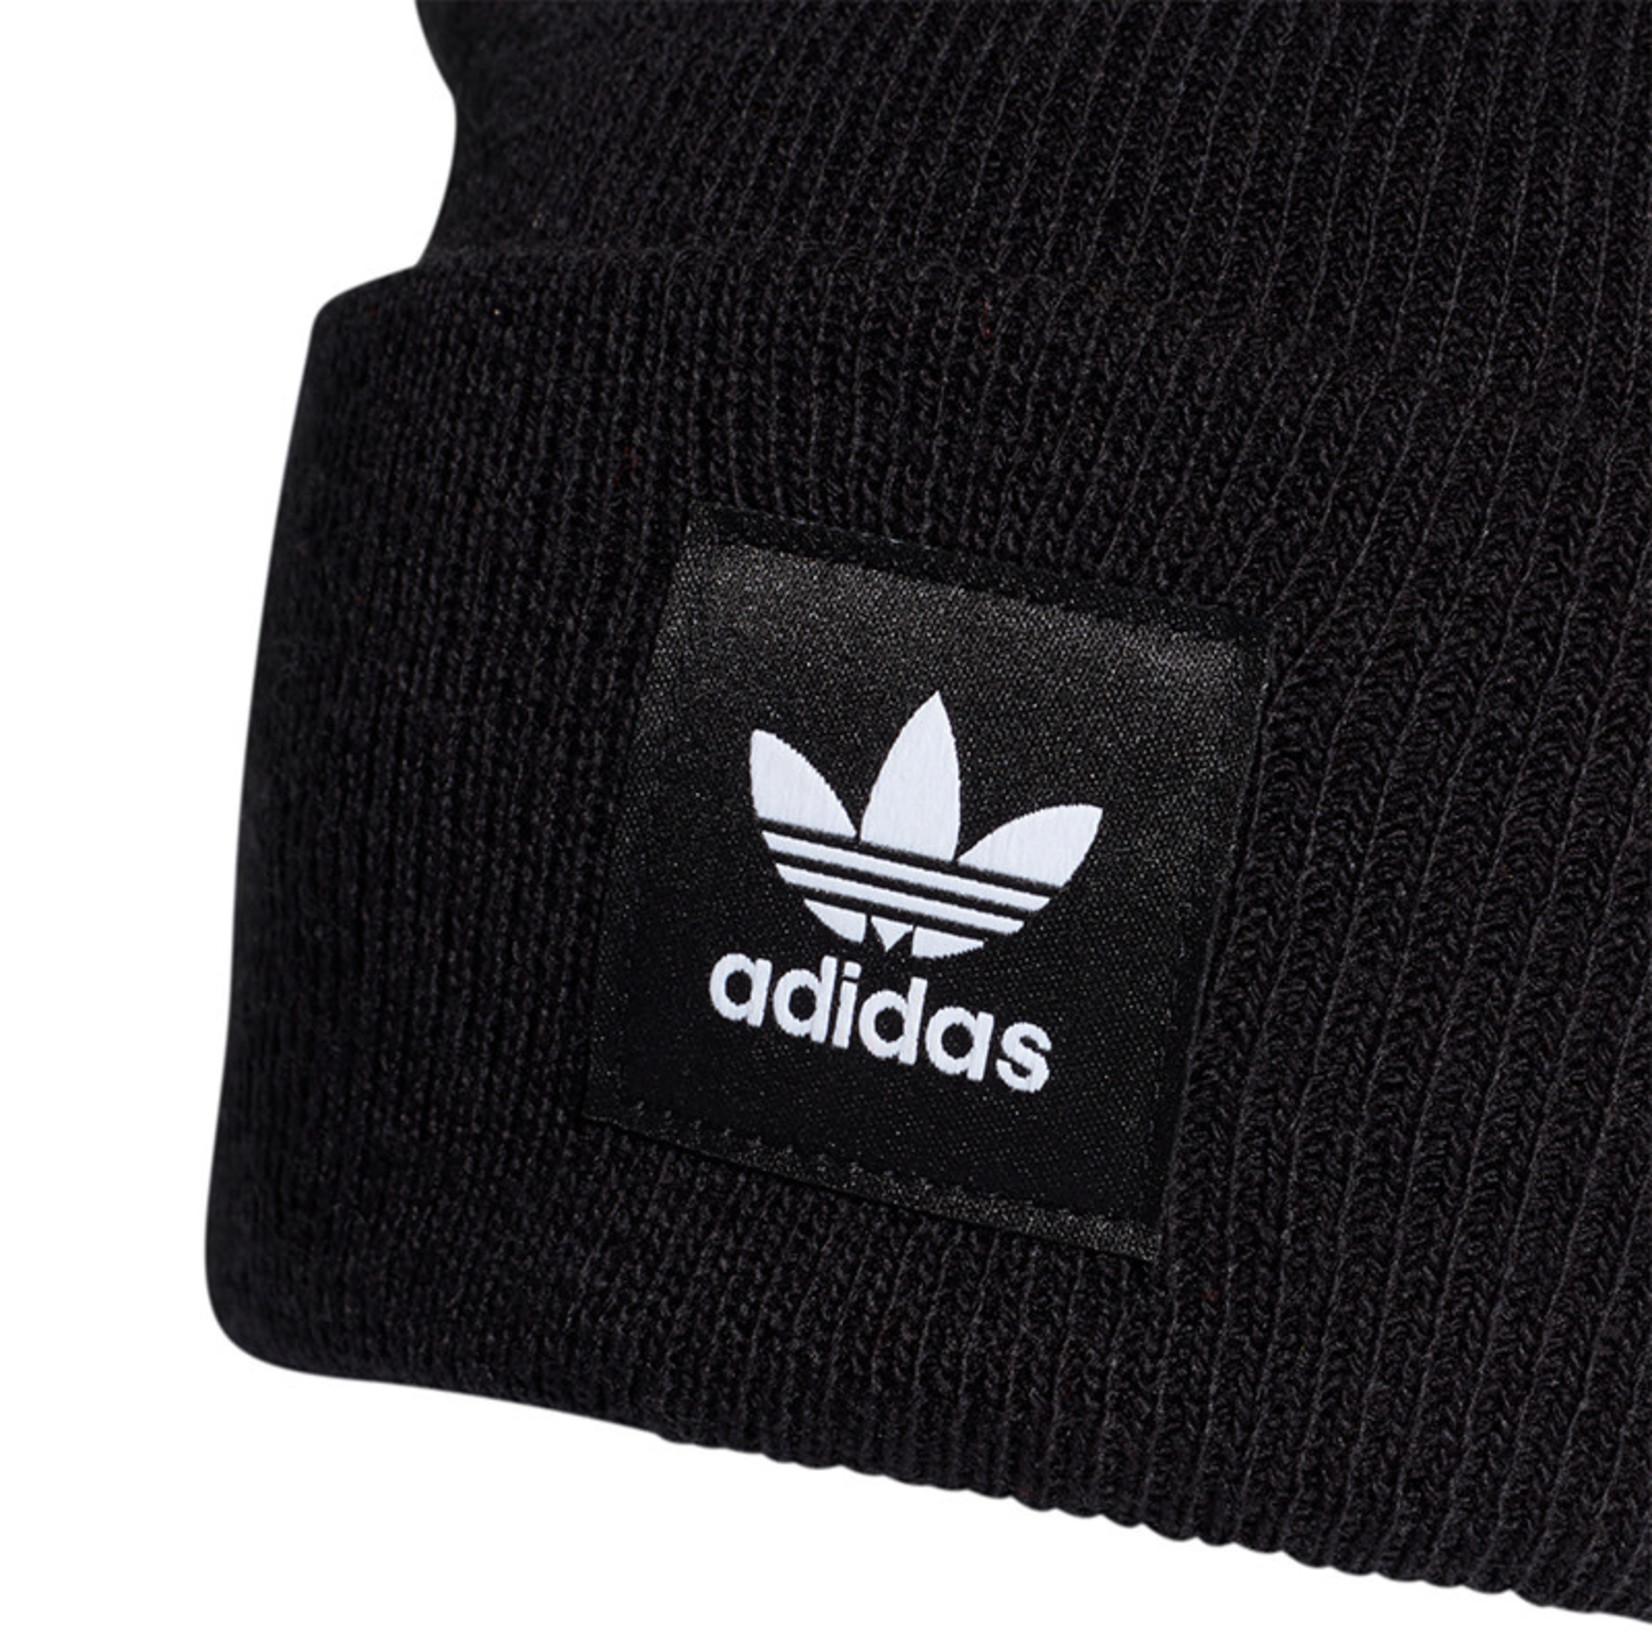 Adidas Adidas : Adicolor Cuff Knit Beanie Black O/S